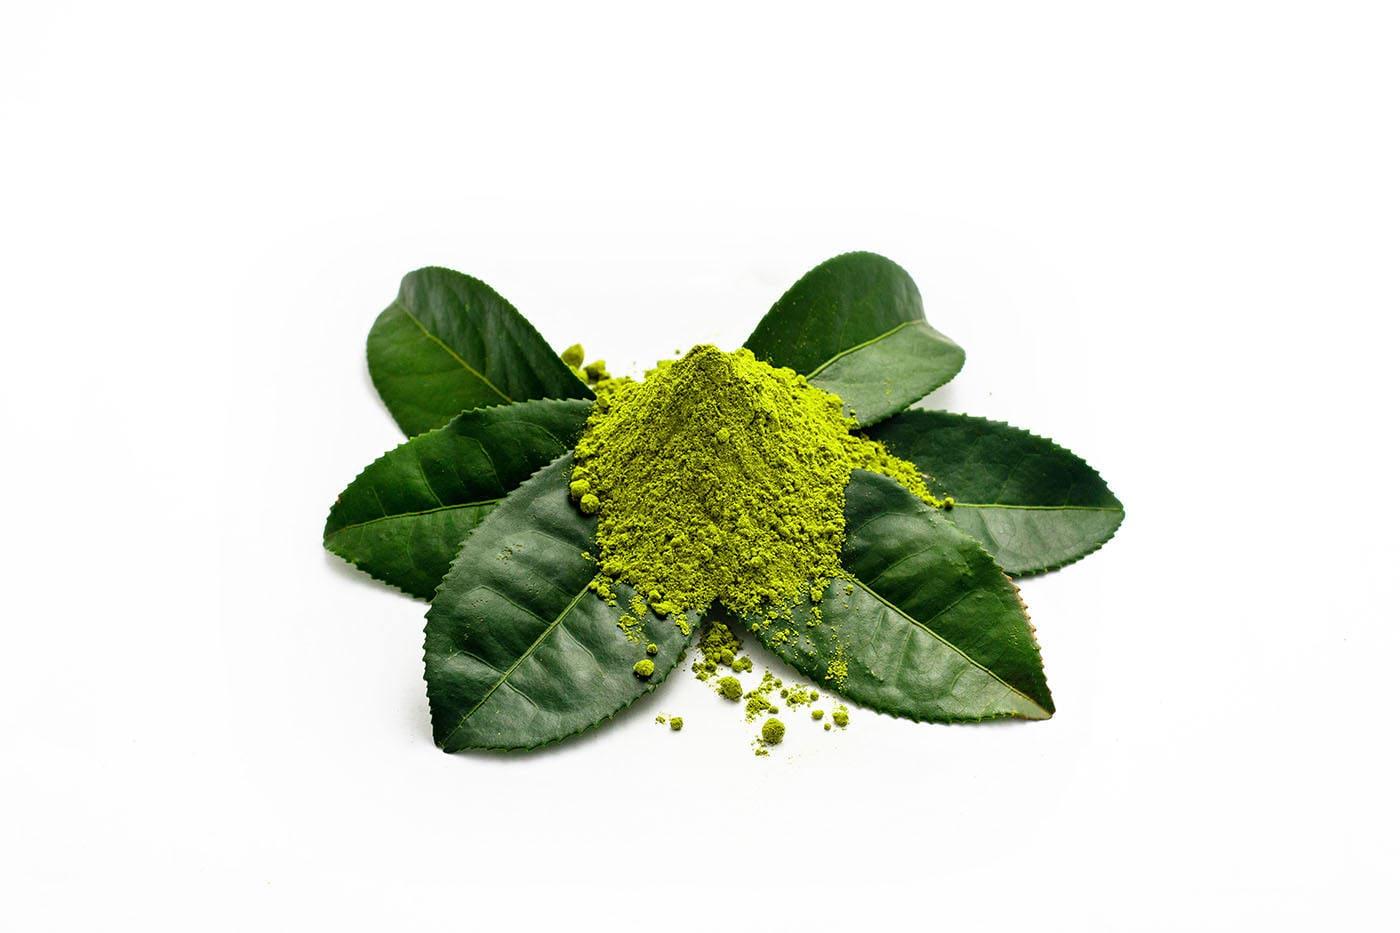 Un antioxidant din ceaiul verde poate crește protecția împotriva cancerului